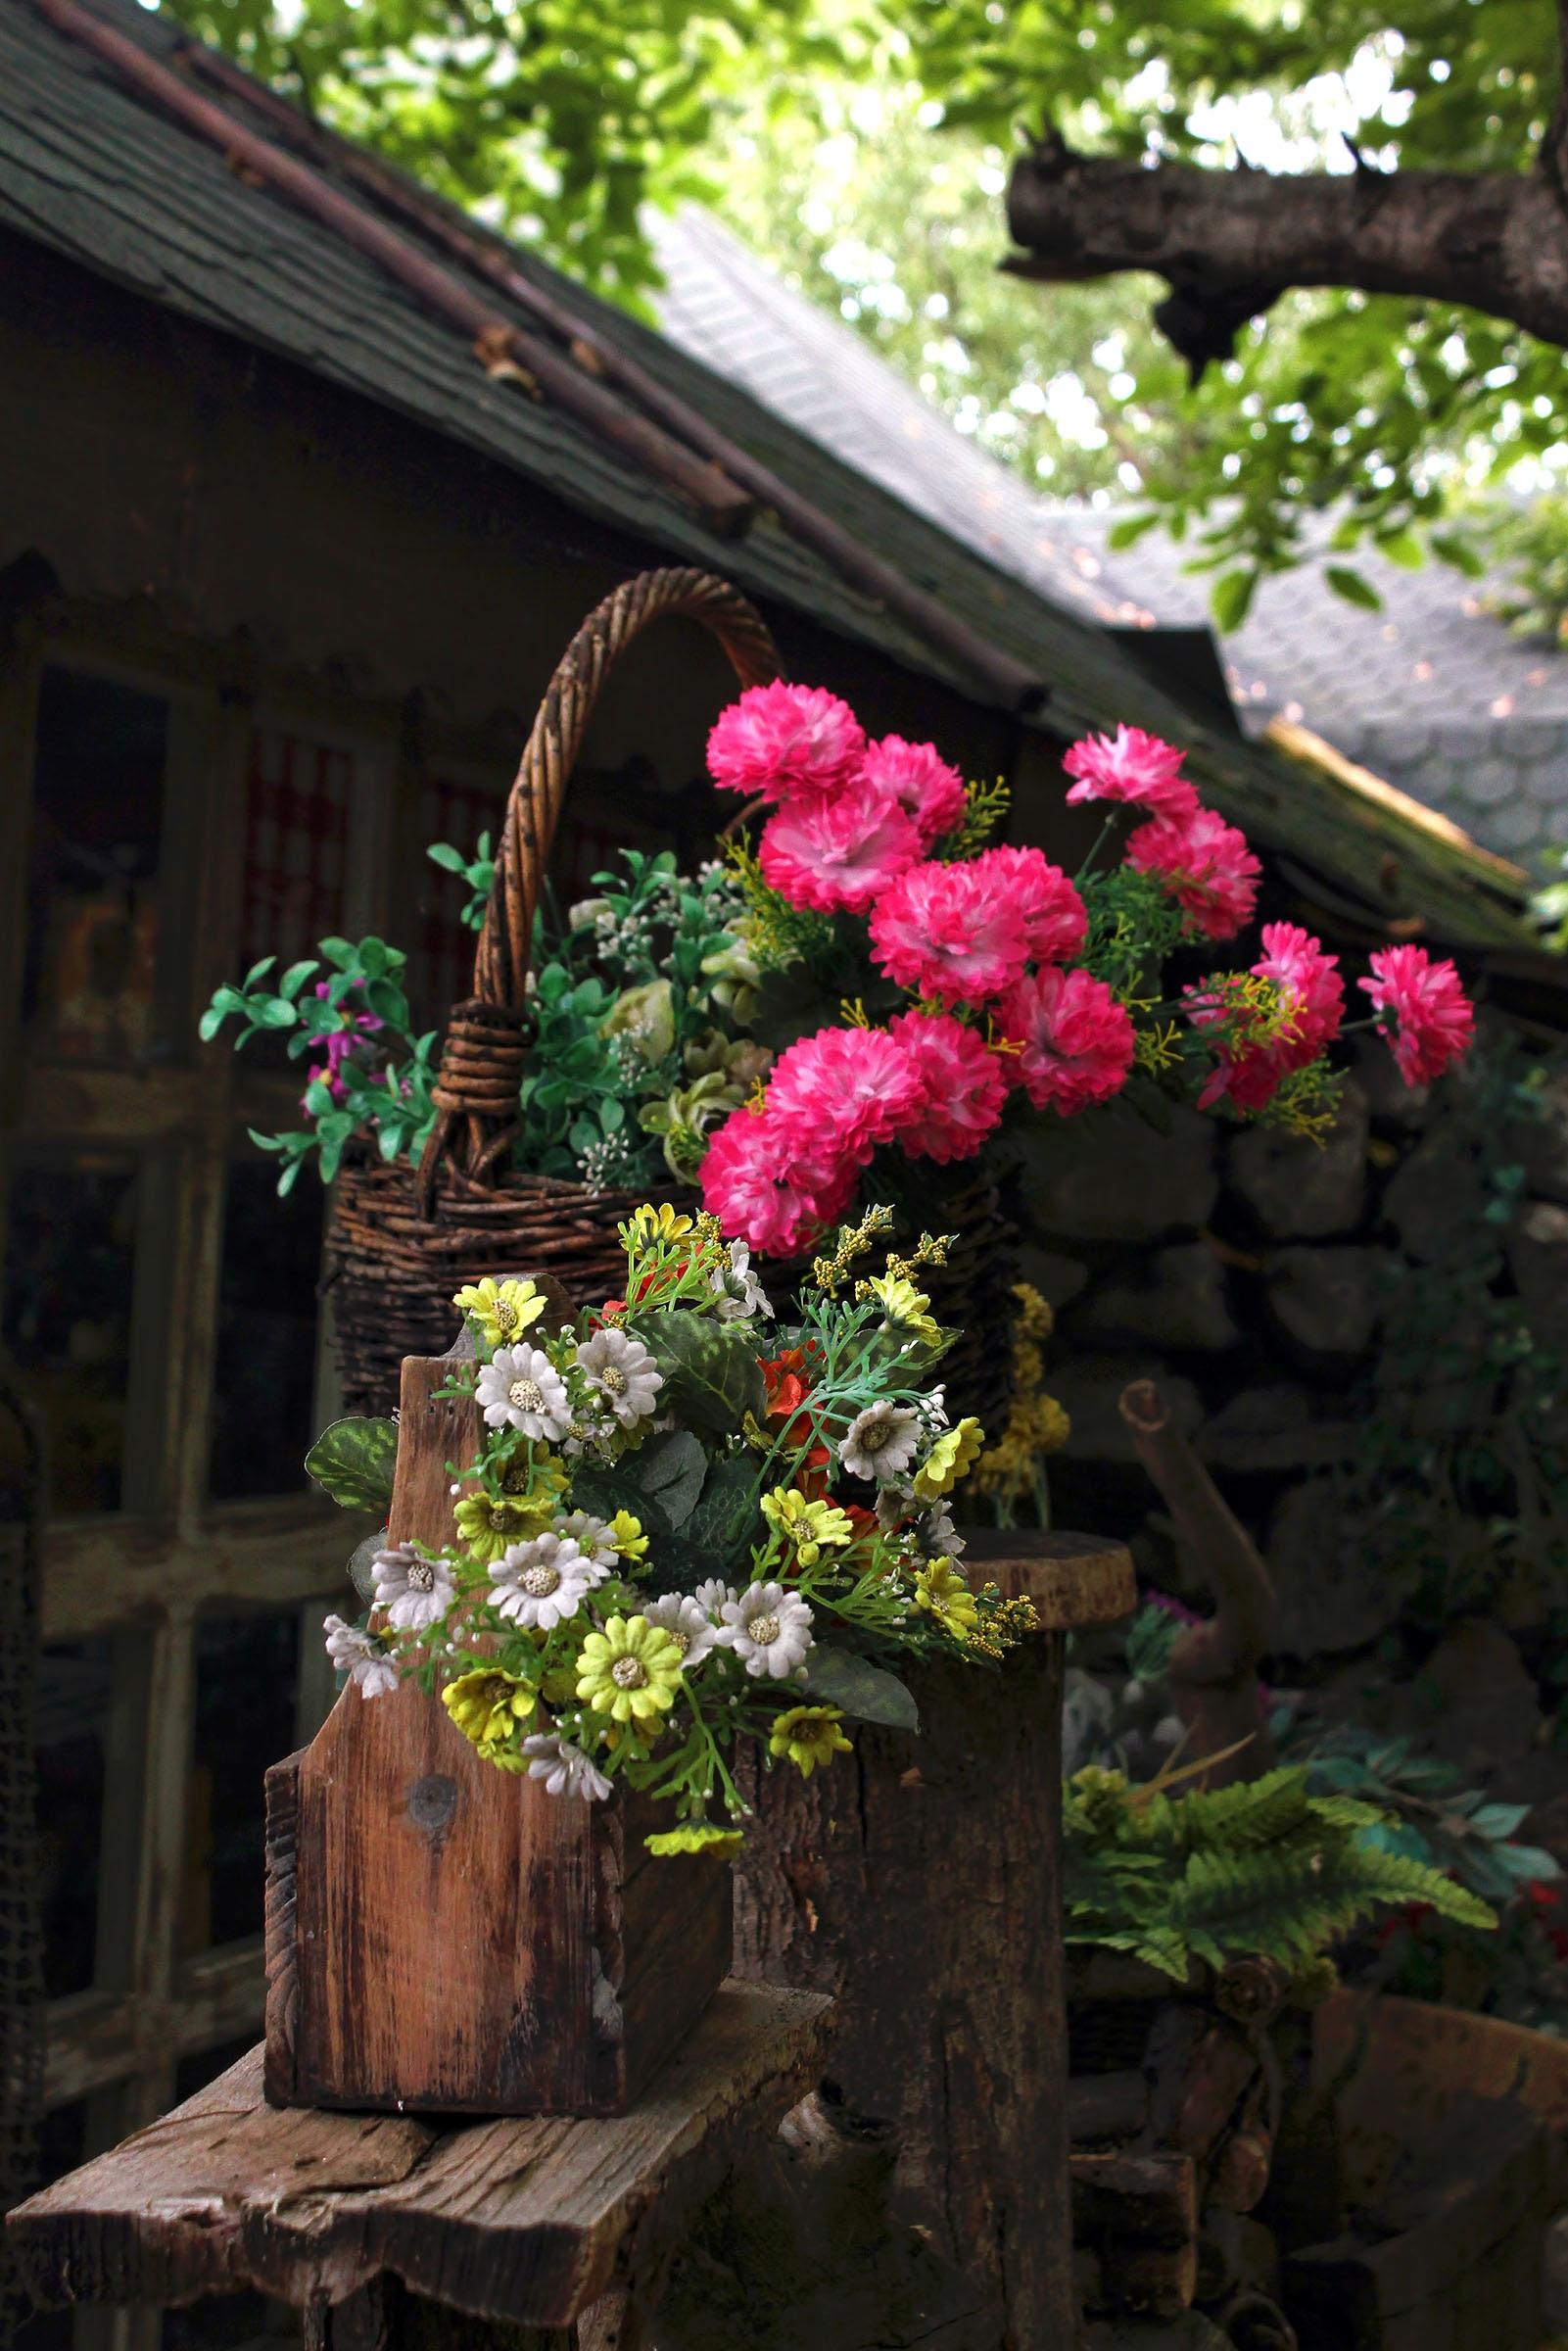 Immagini belle natura all 39 aperto fiorire panchina for Disegni del mazzo del cortile